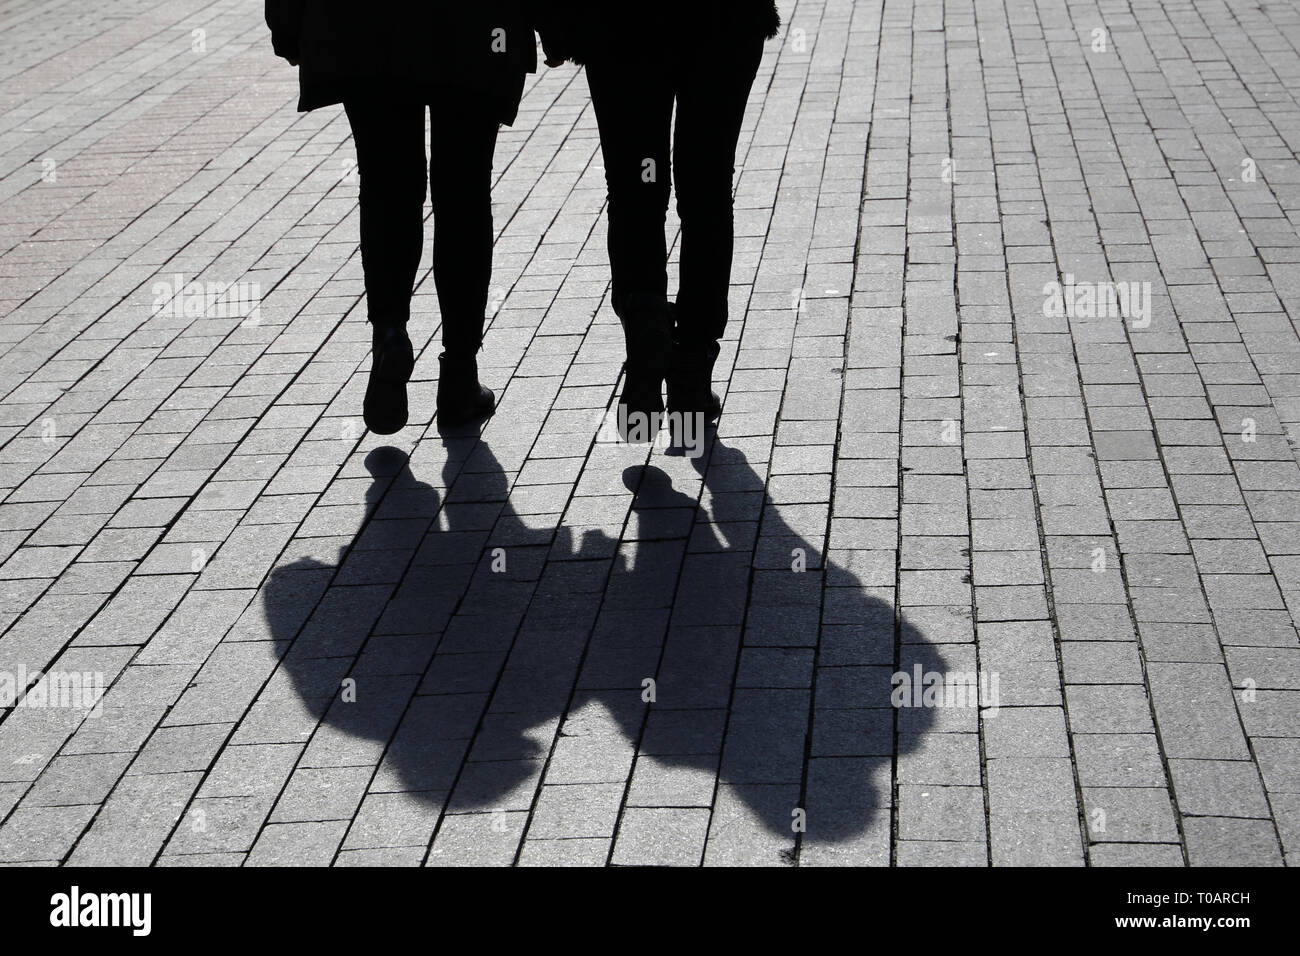 c107d2bbe9d6c6 Silhouetten und Schatten der zwei Frauen auf der Straße. Konzept der  weiblichen Freundschaft, Diskussion, Klatsch, Zwillinge, dramatische  Lebensgeschichte